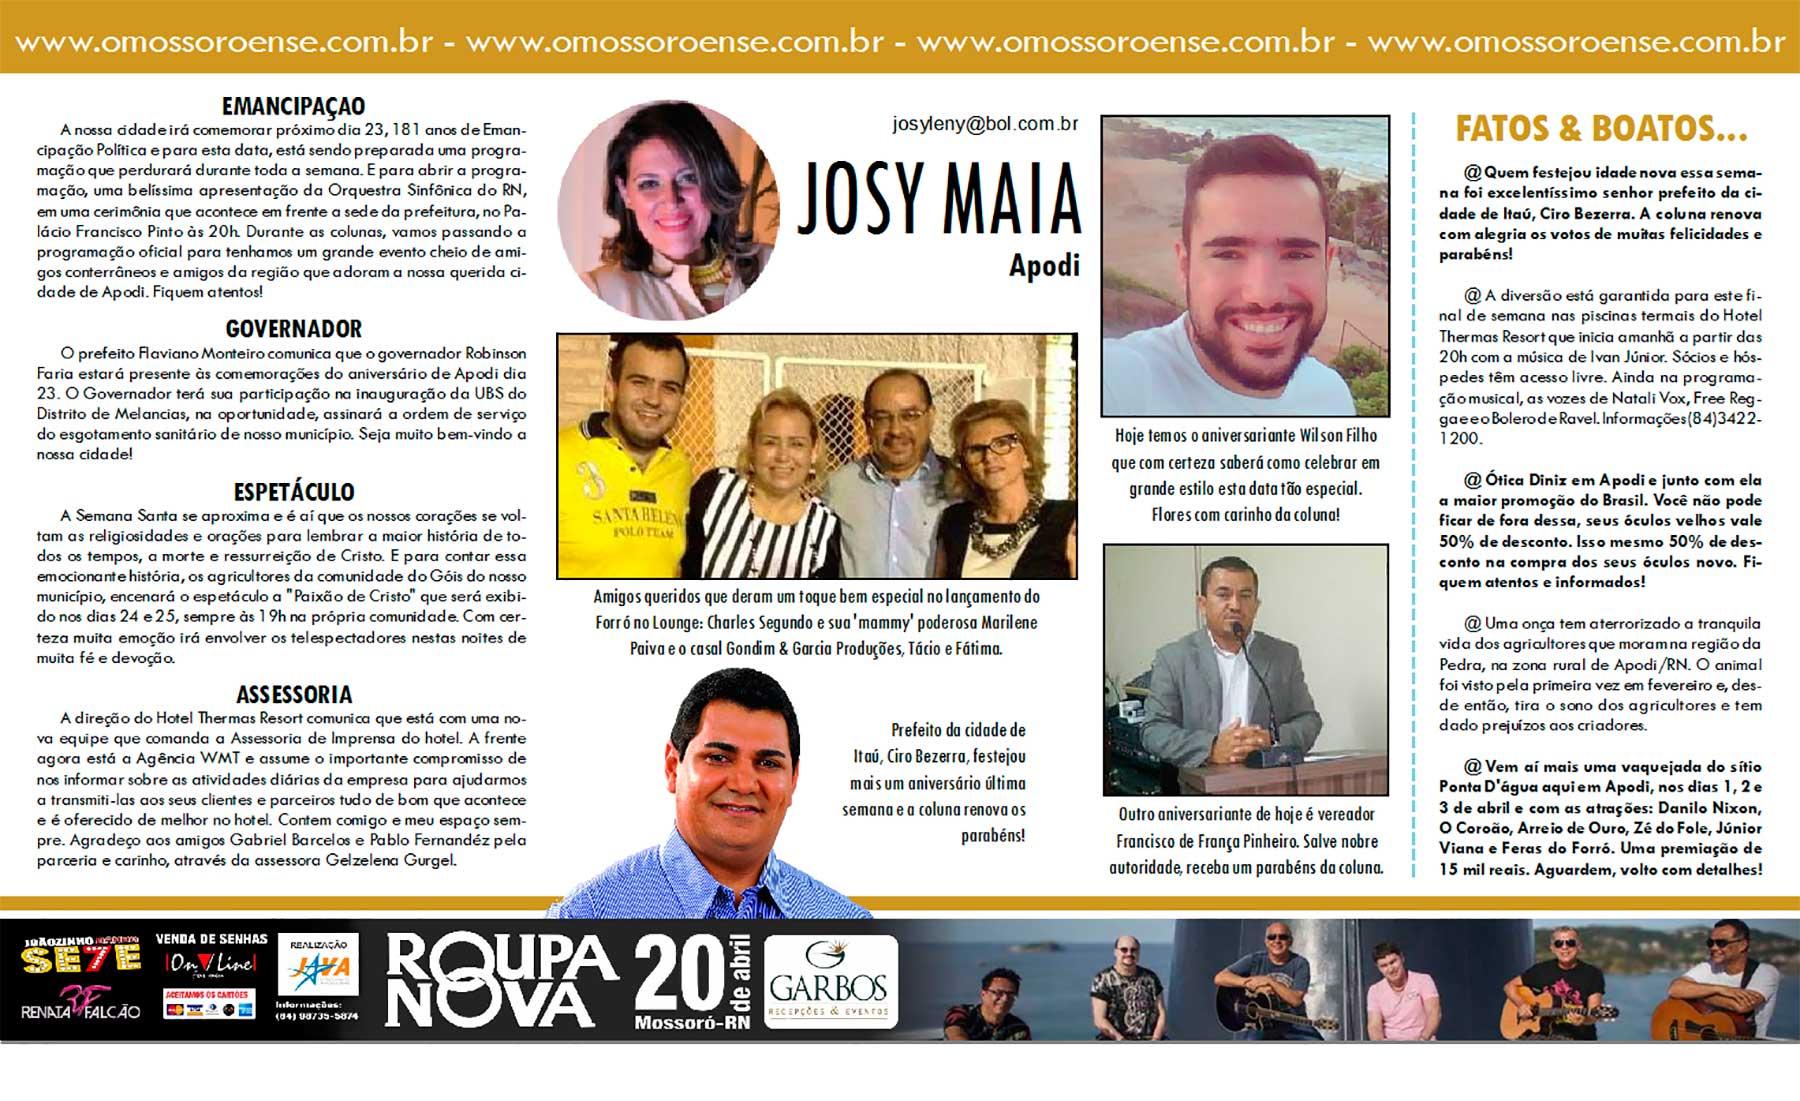 JOSY-MAIA--16-03-16